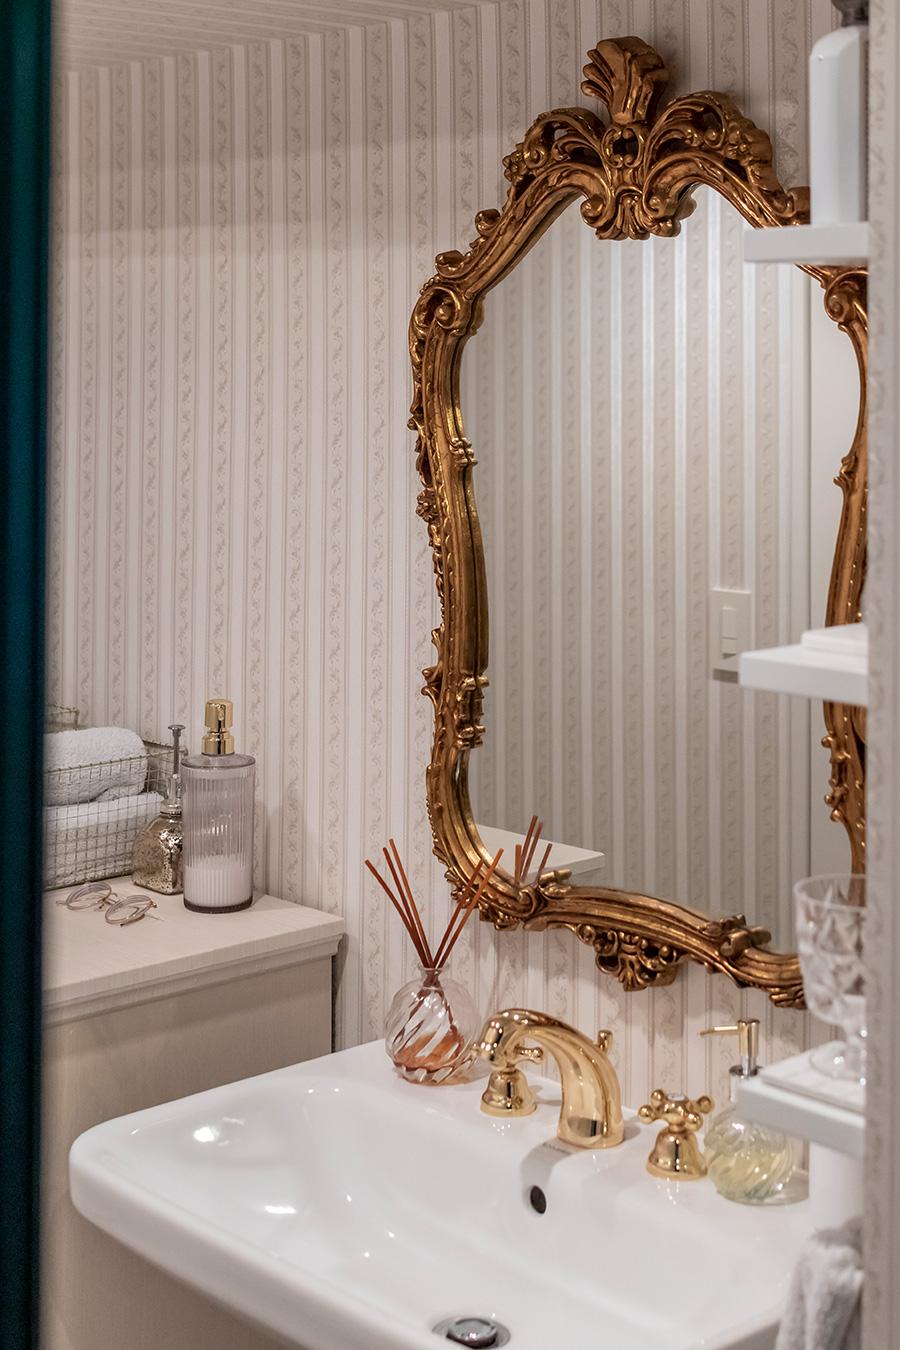 洗面台の鏡はネットオークションで落札したもの。